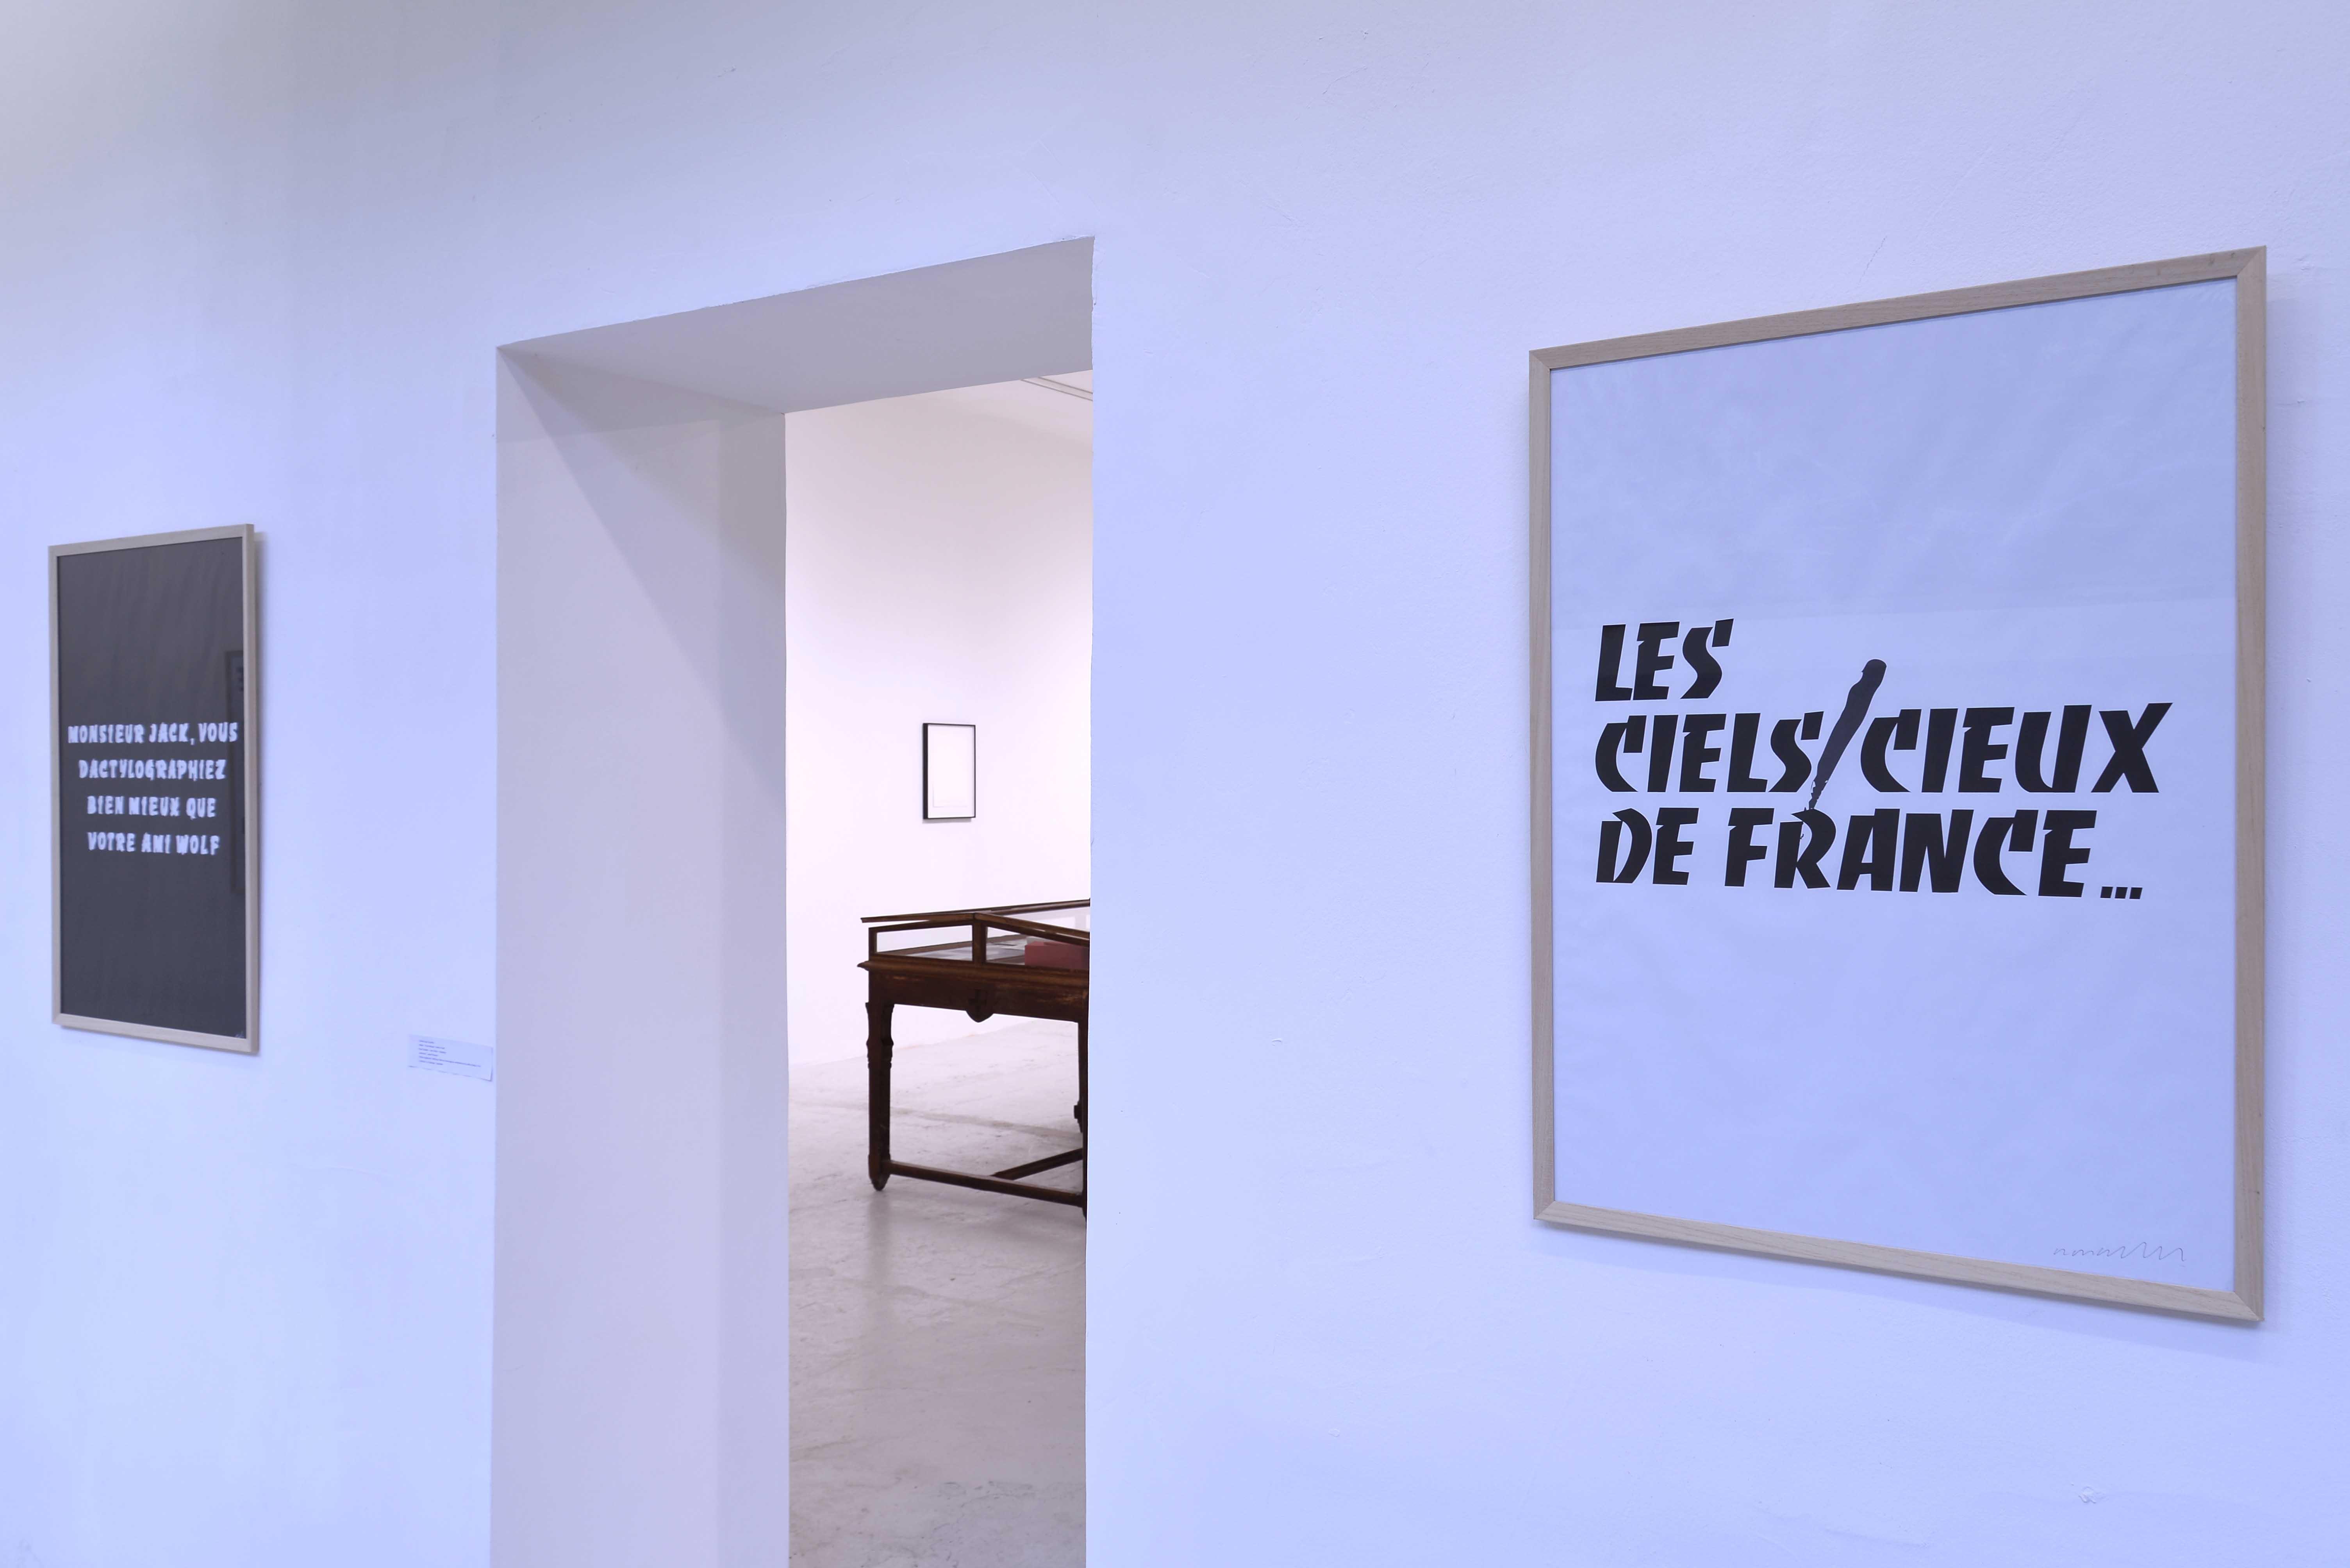 Affiches à titre en hommage au centenaire de Excoffon Edition 1: 10 Collection La Fabrique - Gensollen, À l'heure du dessin, 6ème temps, Tracé - 3 - Château de Servières - © Aurélien Meimaris